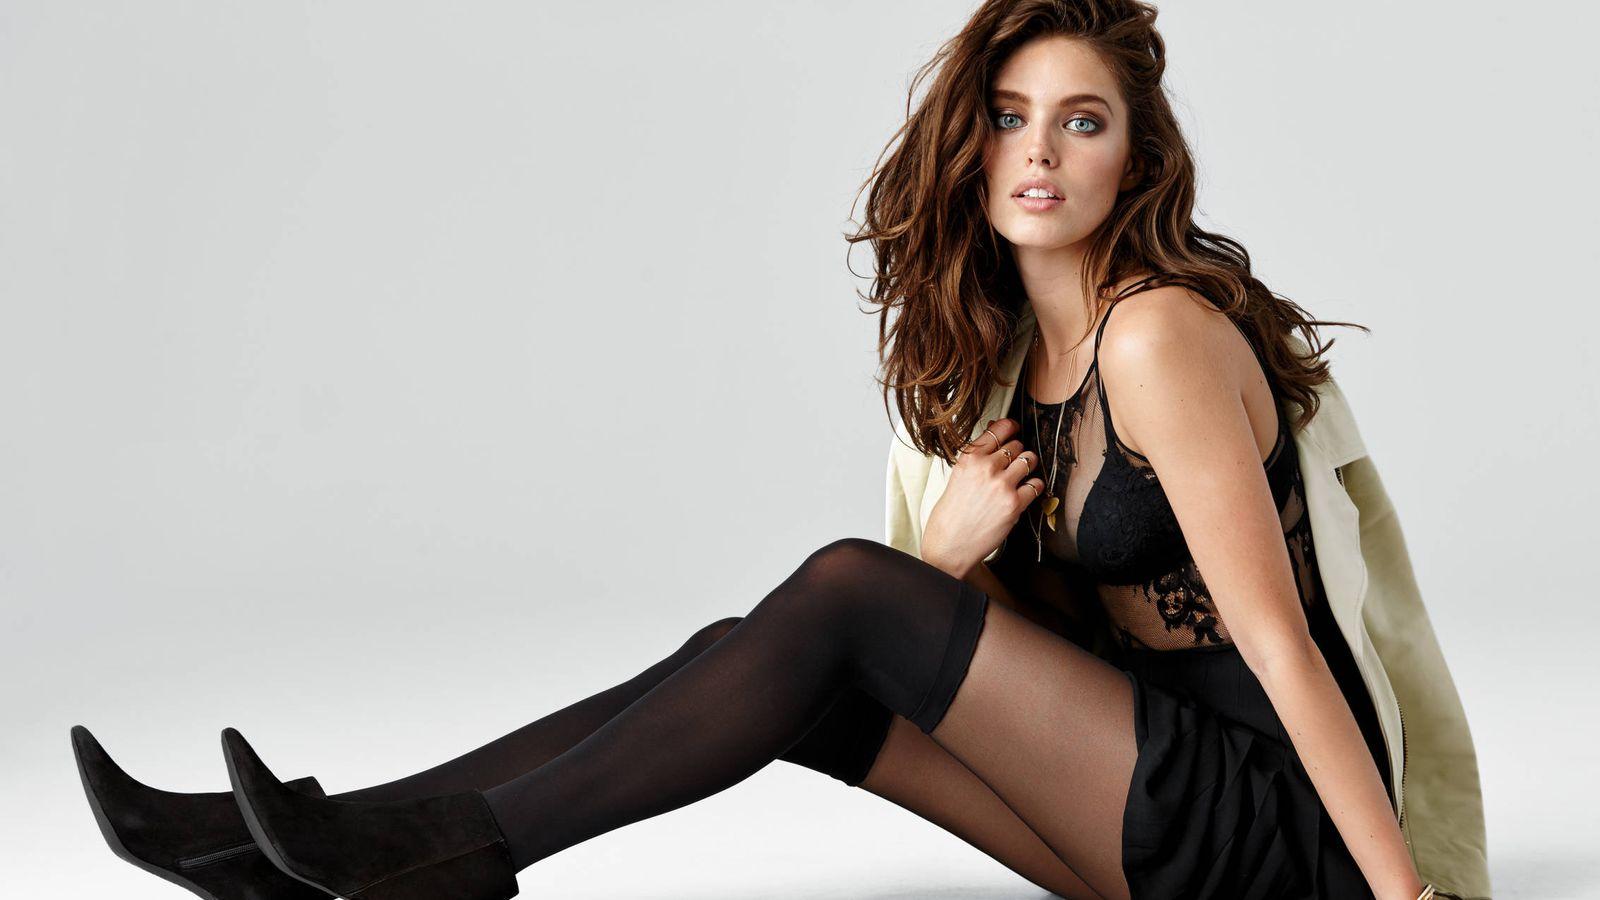 Foto: Que el exceso o defecto de ropa nunca condicione las ganas de sentirte cómoda con el look elegido. (Calzedonia)